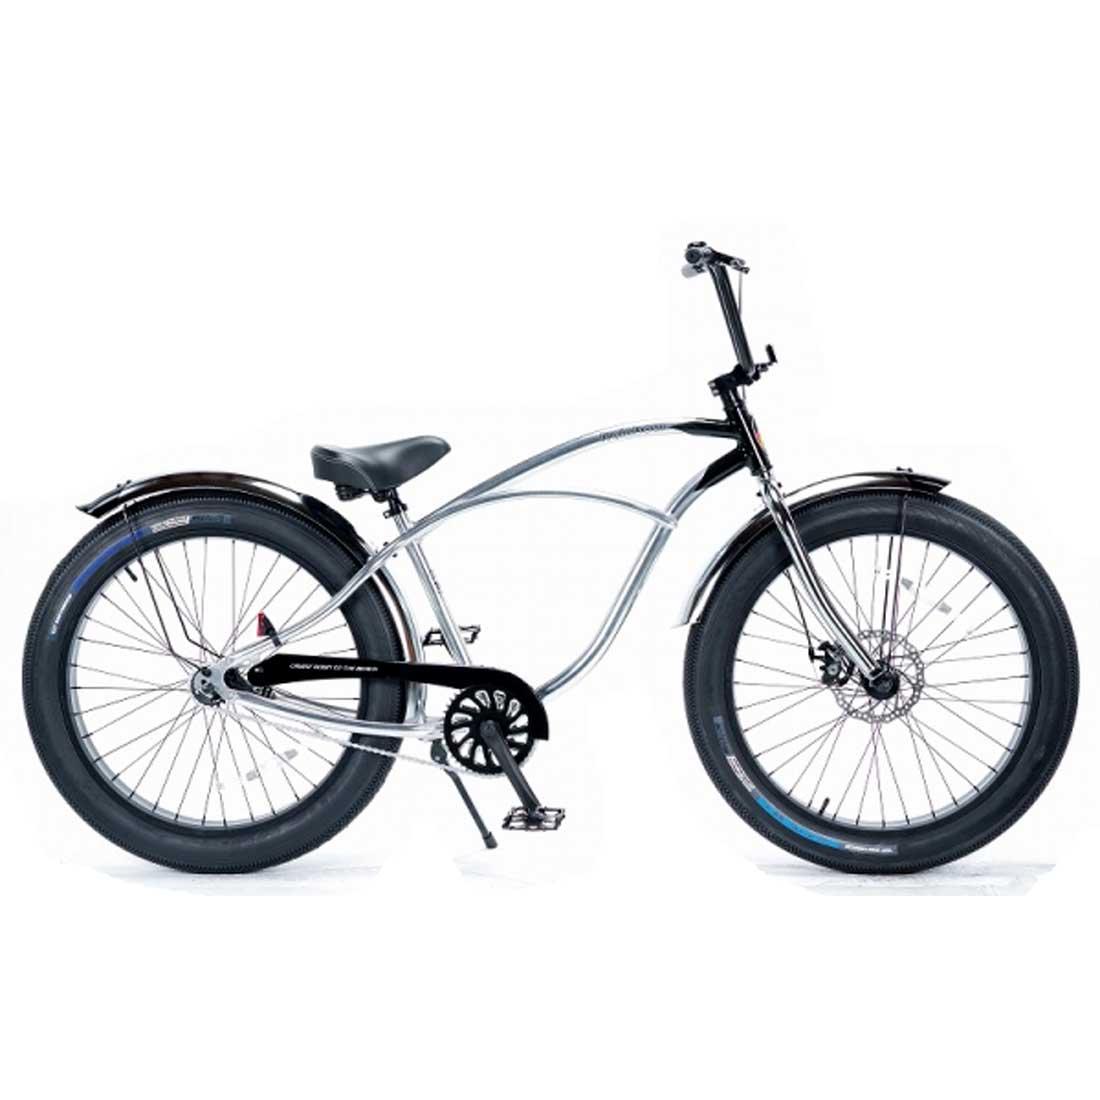 レインボー ビーチクルーザー ファットバイク 26インチ おしゃれ 自転車 通勤 通学 メンズ レディース GREASE-3.5-1sp クロームポリッシュ